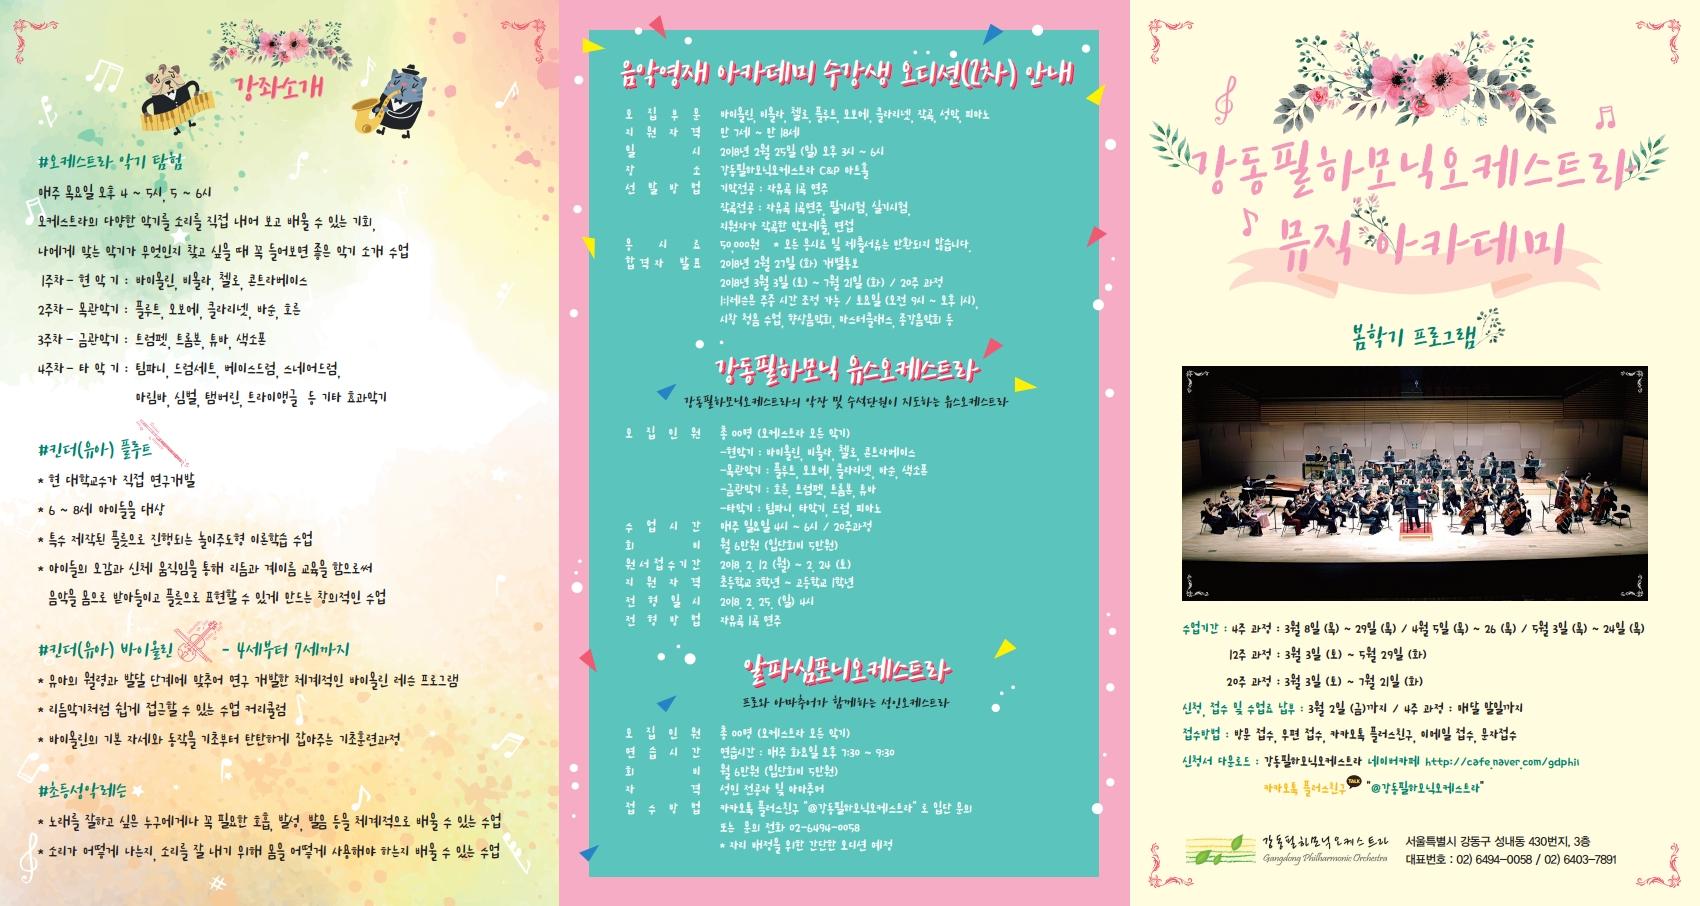 강동필 뮤직아카데미(봄)_page_1.png